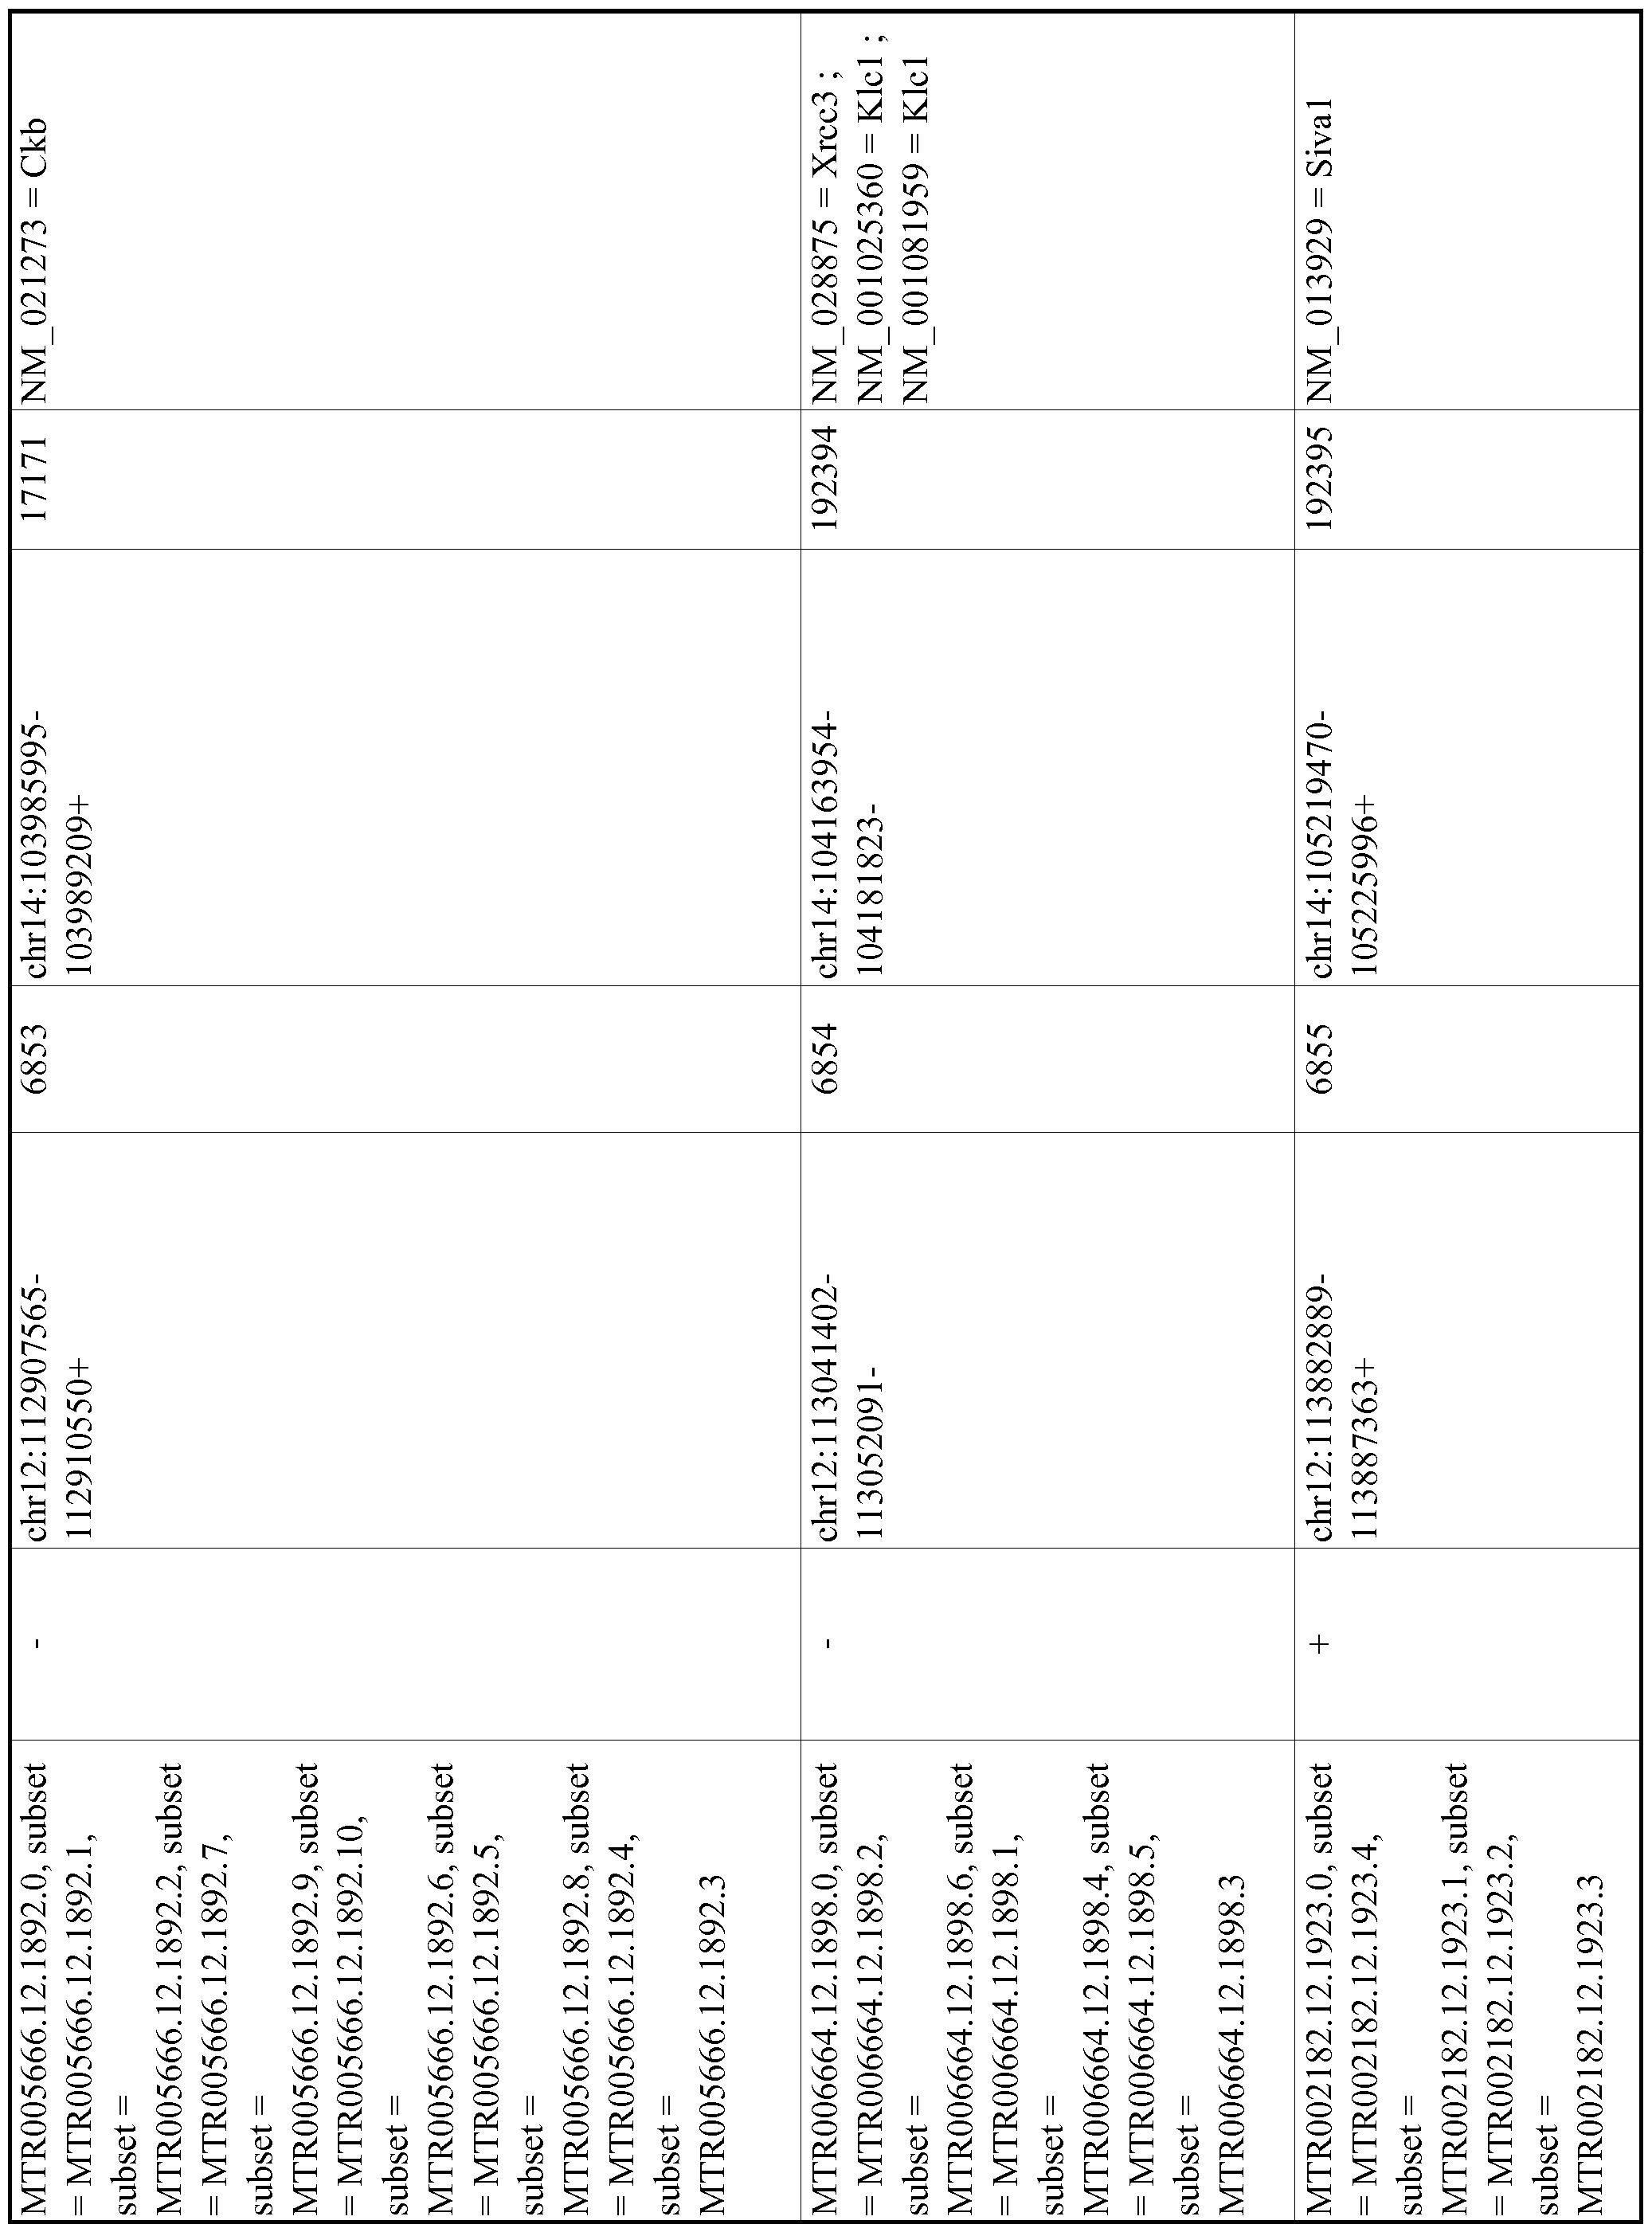 Figure imgf001218_0001